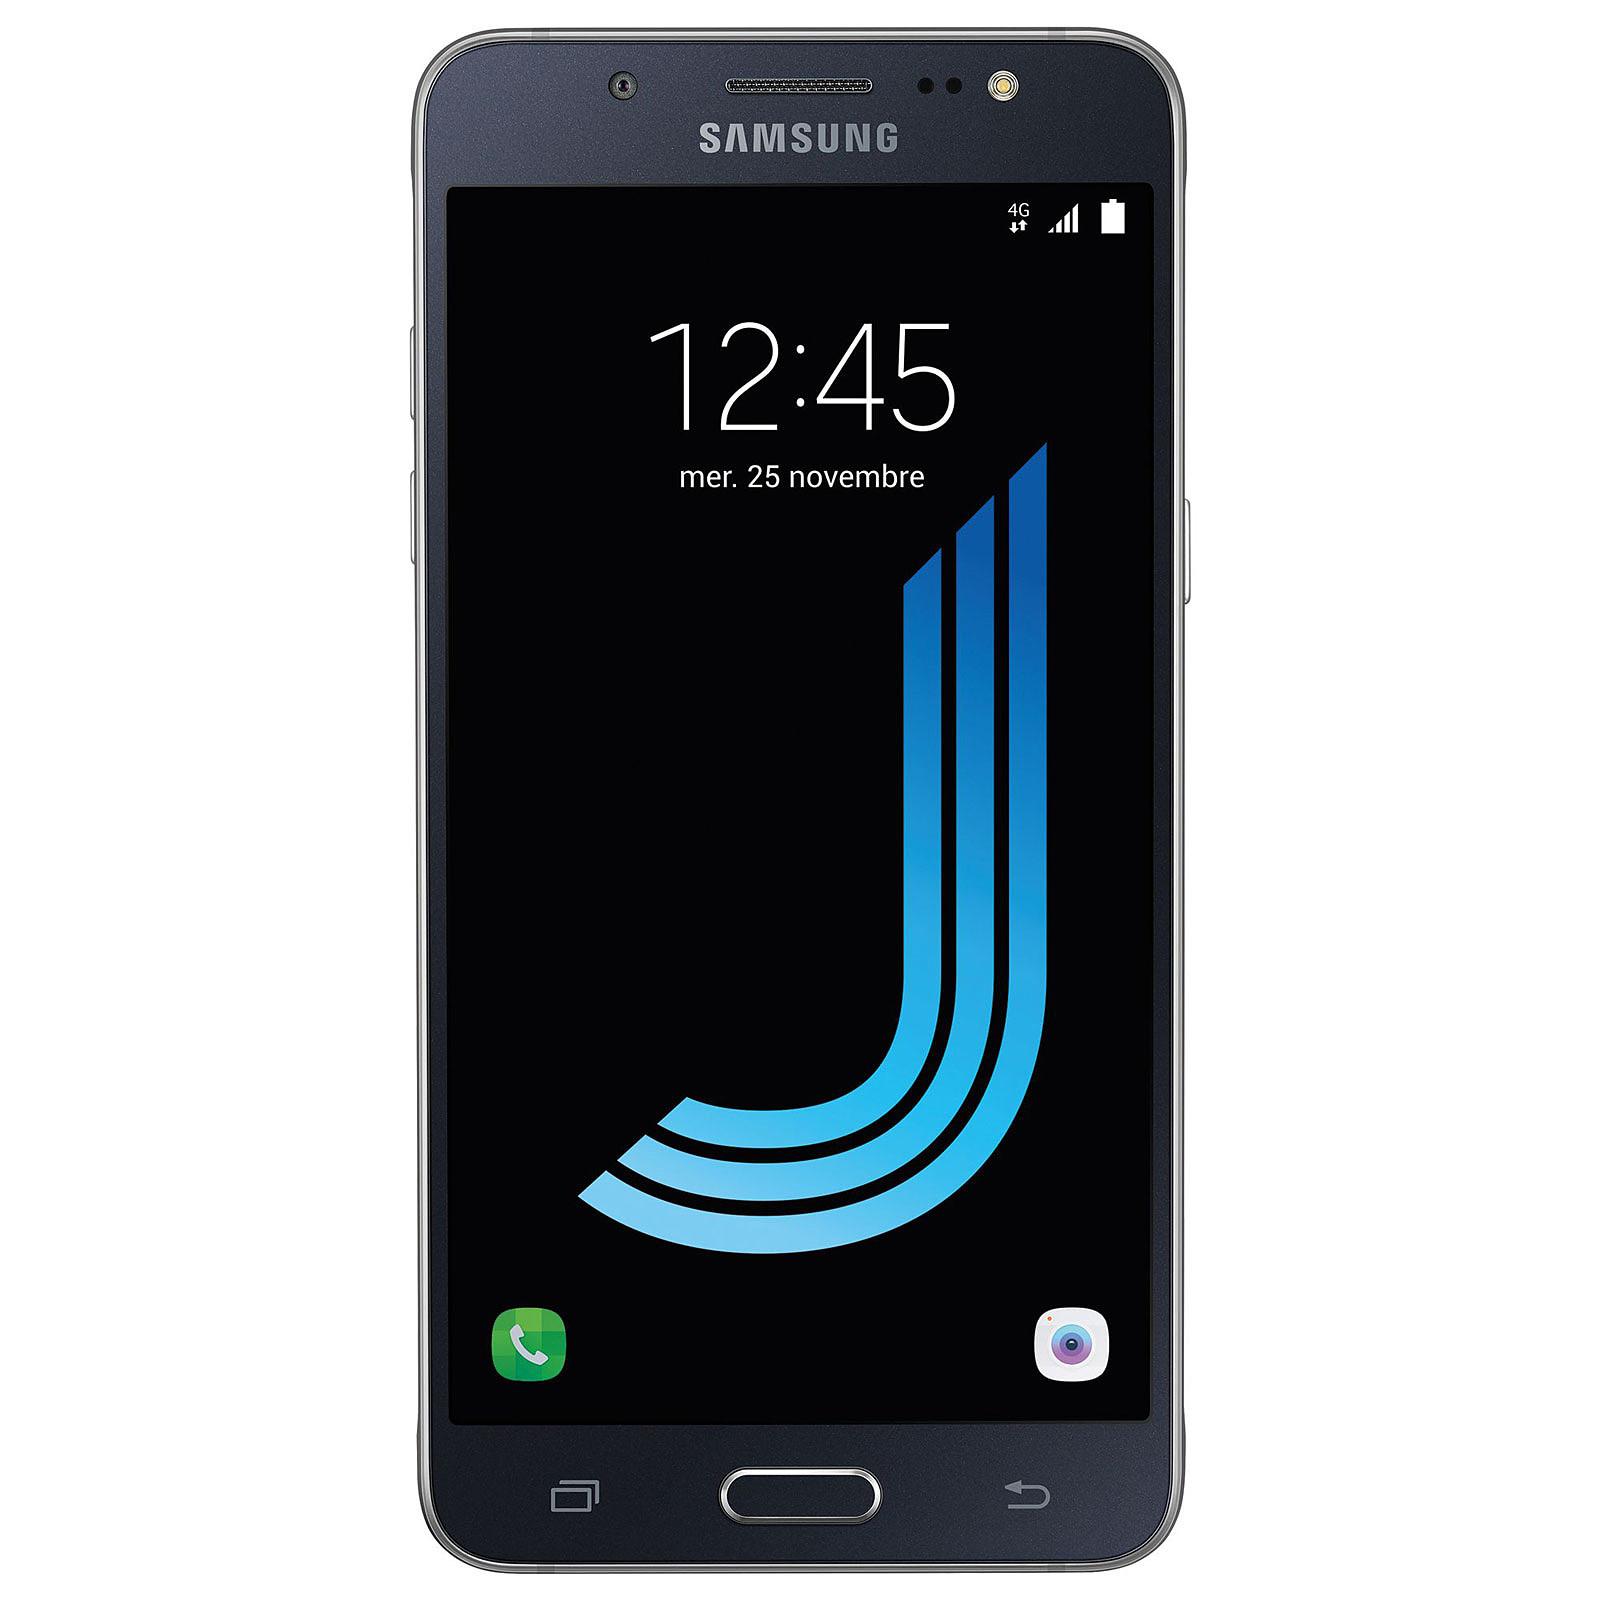 samsung galaxy j5 2016 noir mobile smartphone samsung sur. Black Bedroom Furniture Sets. Home Design Ideas